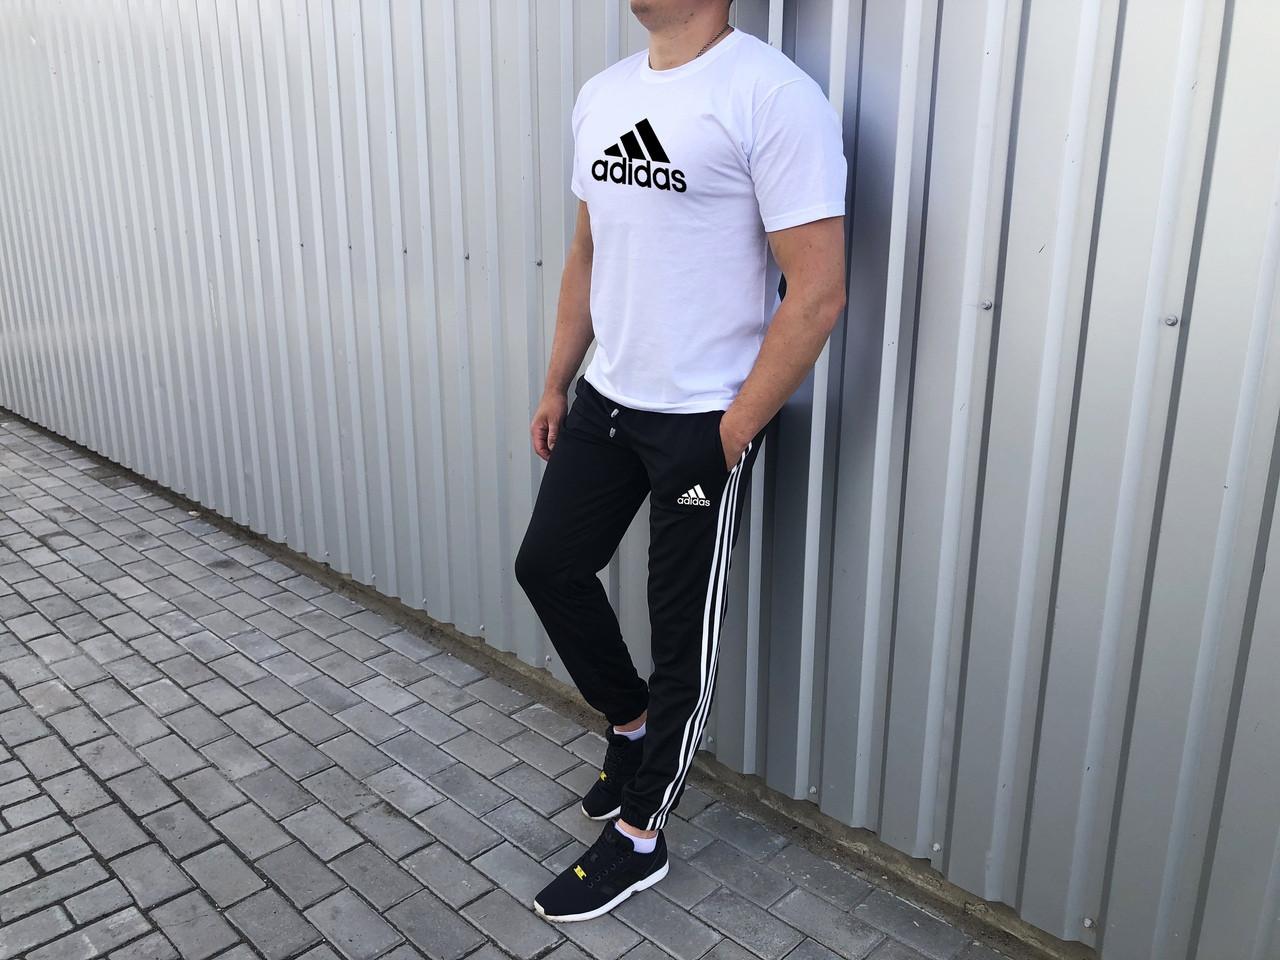 Штаны и футболка комплект летний мужской лого Adidas черный с белым (реплика)